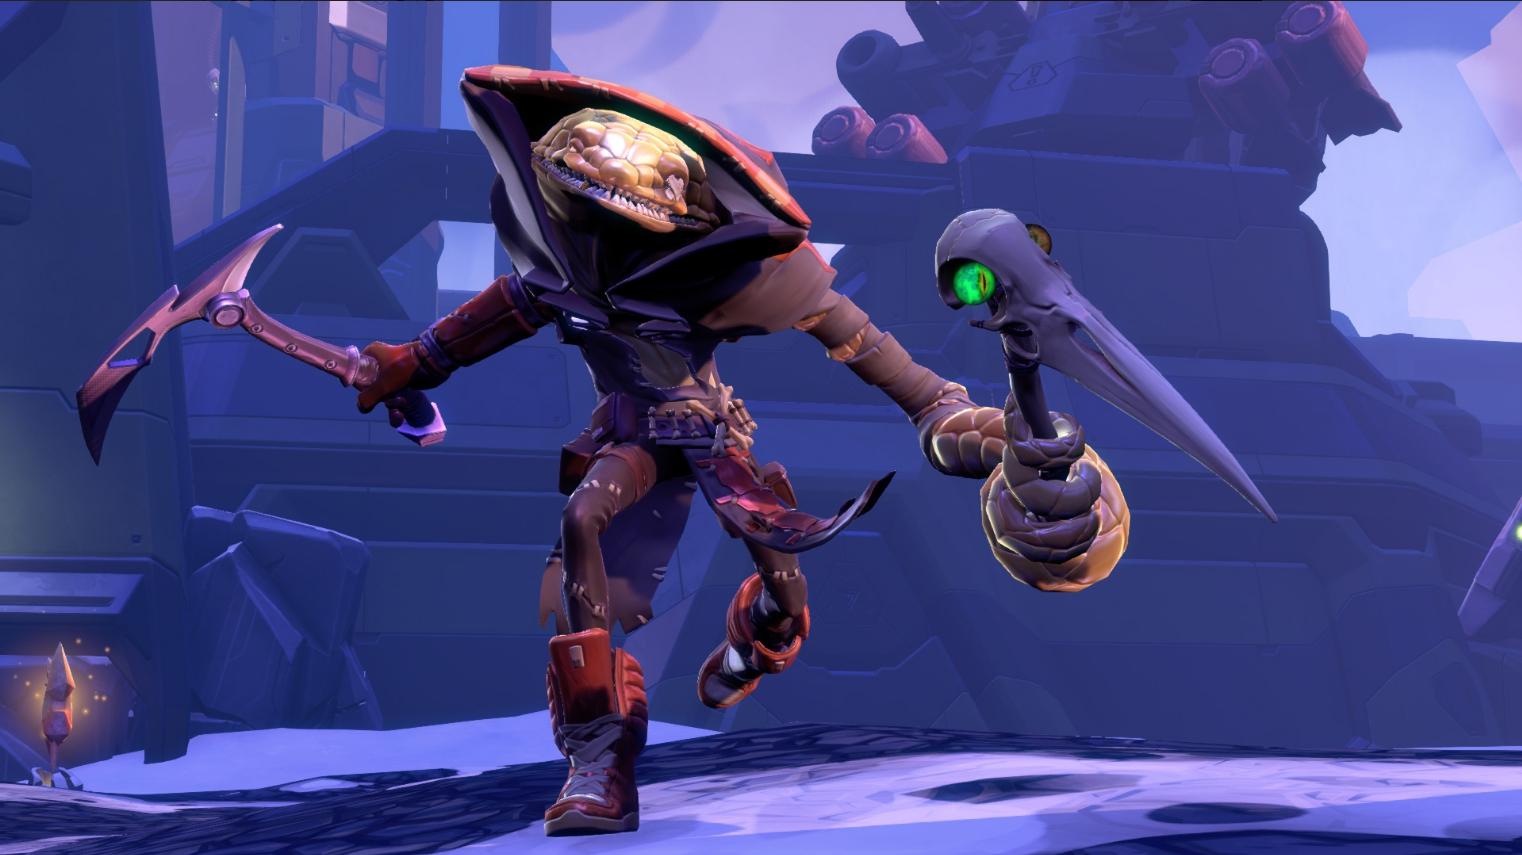 Battleborn's Pendles is a slippery sneak screenshot